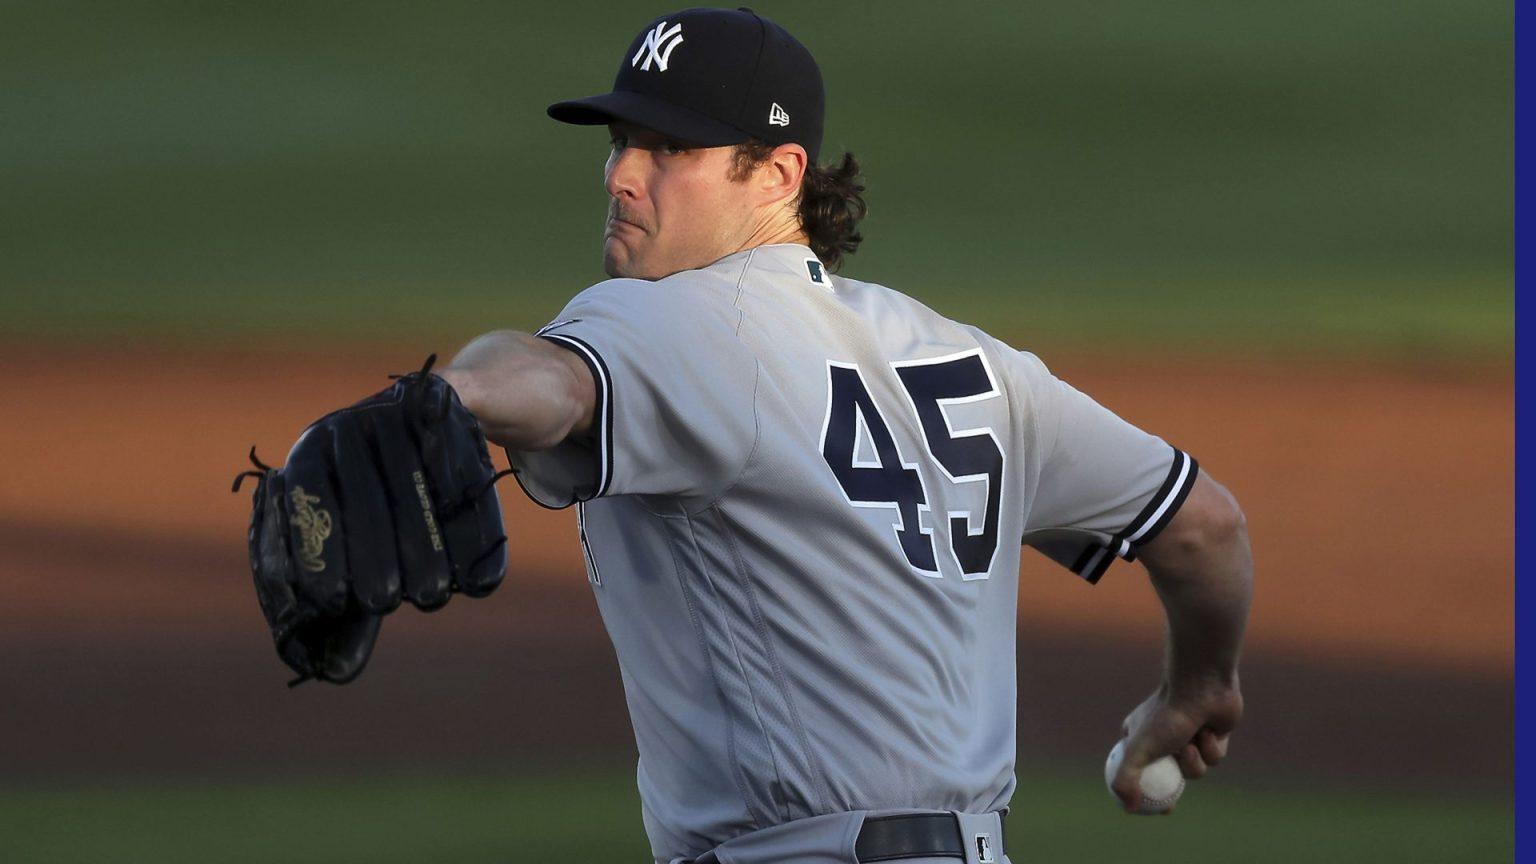 Hombre con uniforme y guante de béisbol  Descripción generada automáticamente